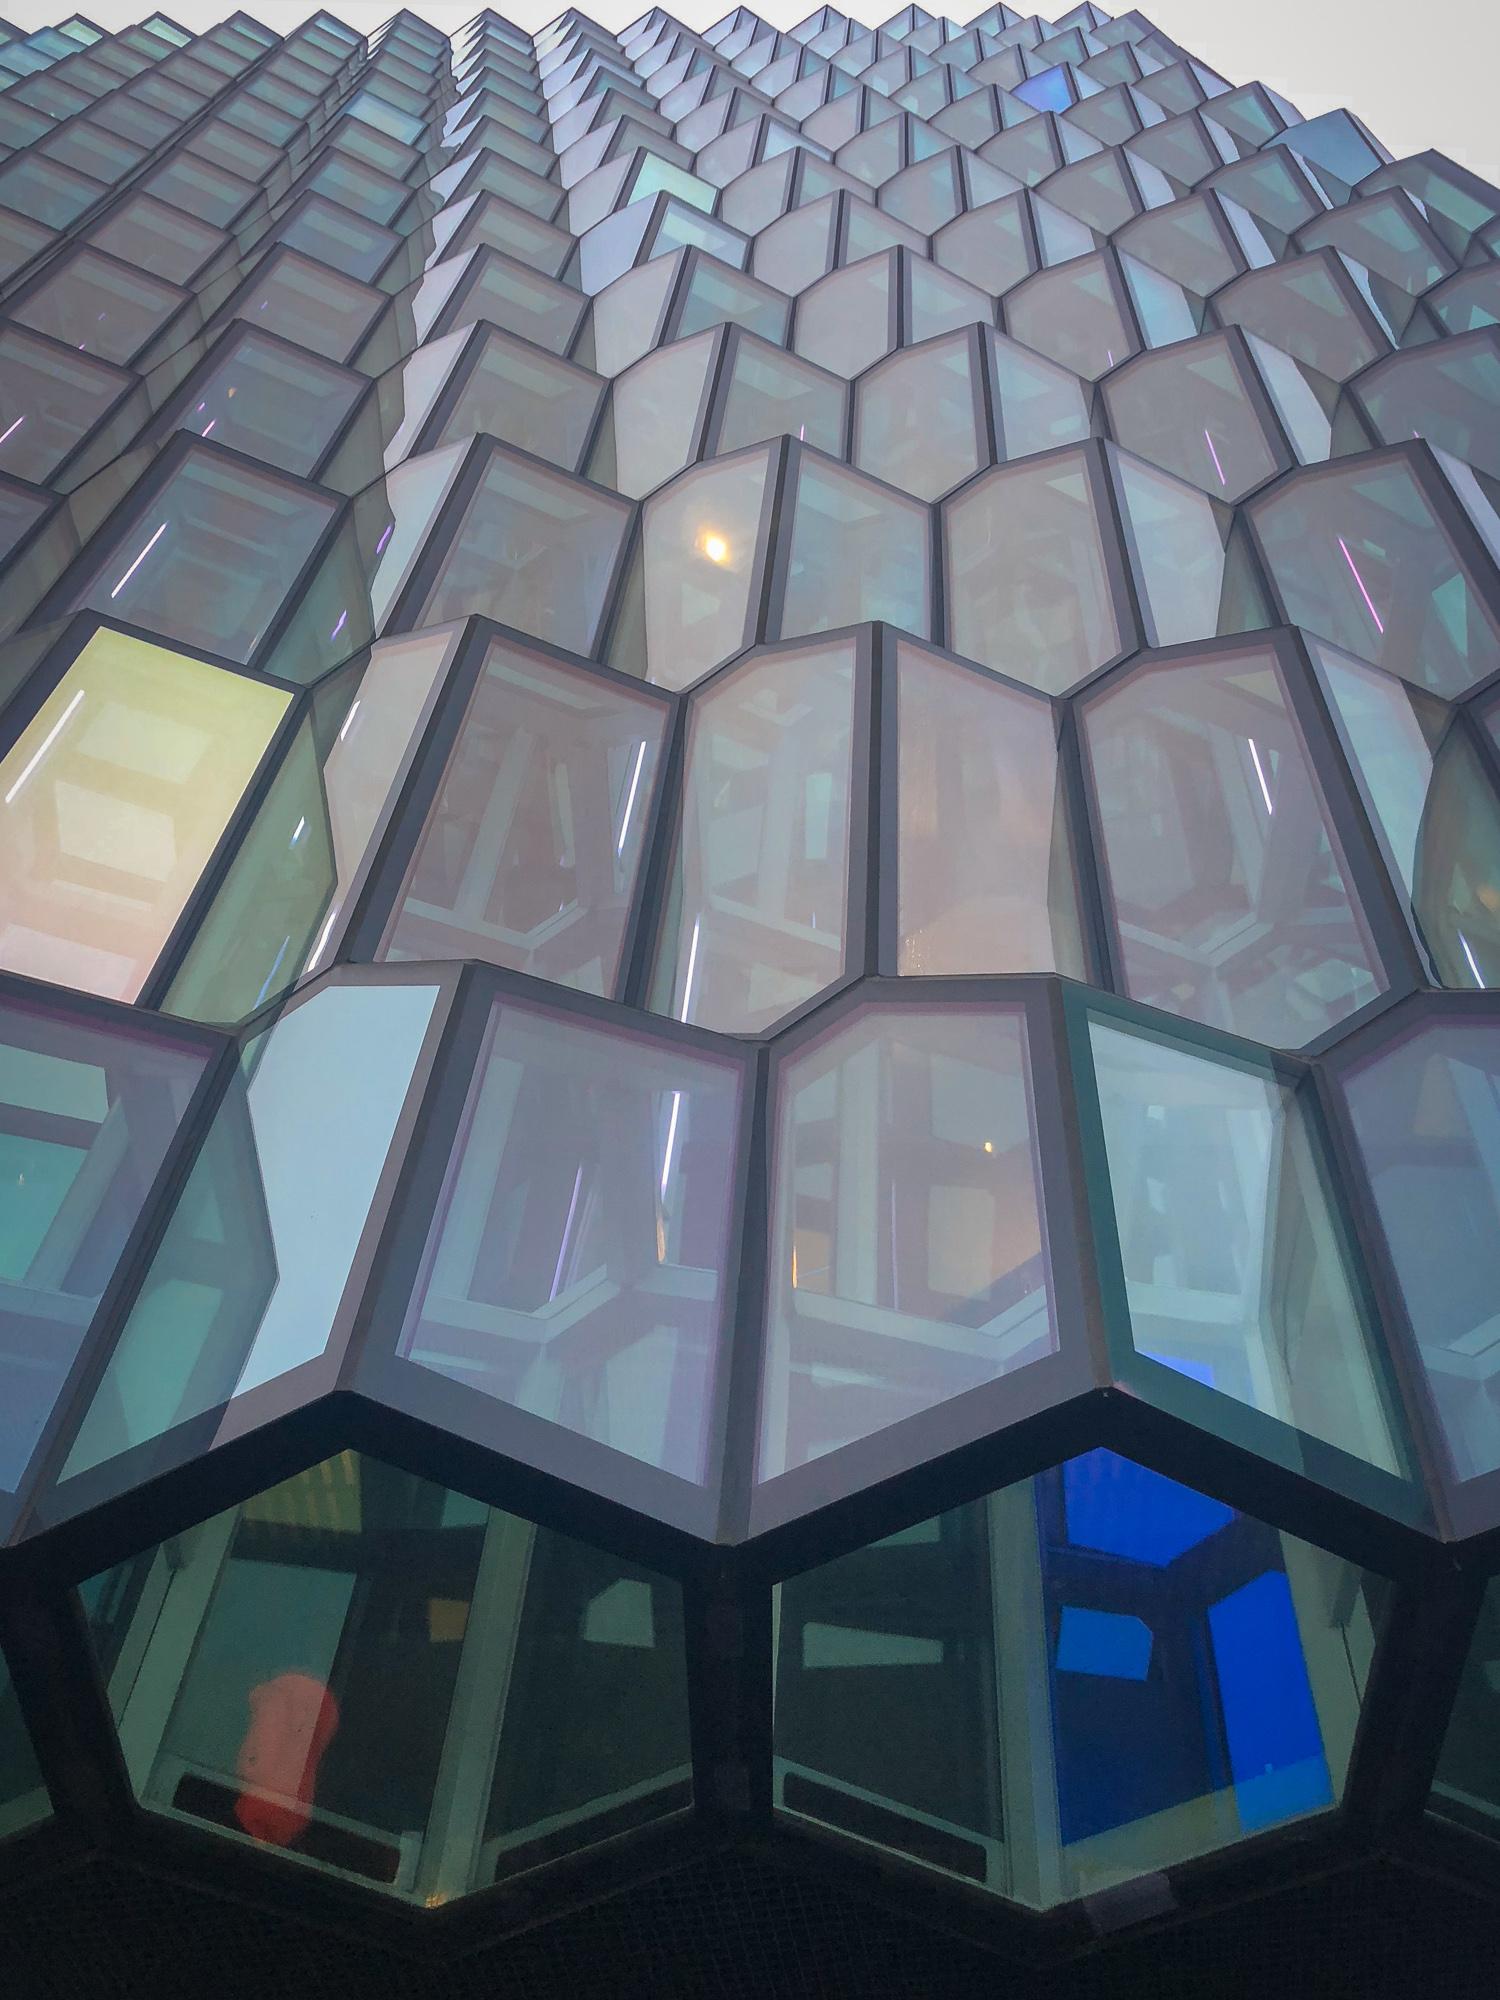 Harpa Concert Centre Reykjavik Iceland www.caribbeansnowflake.com